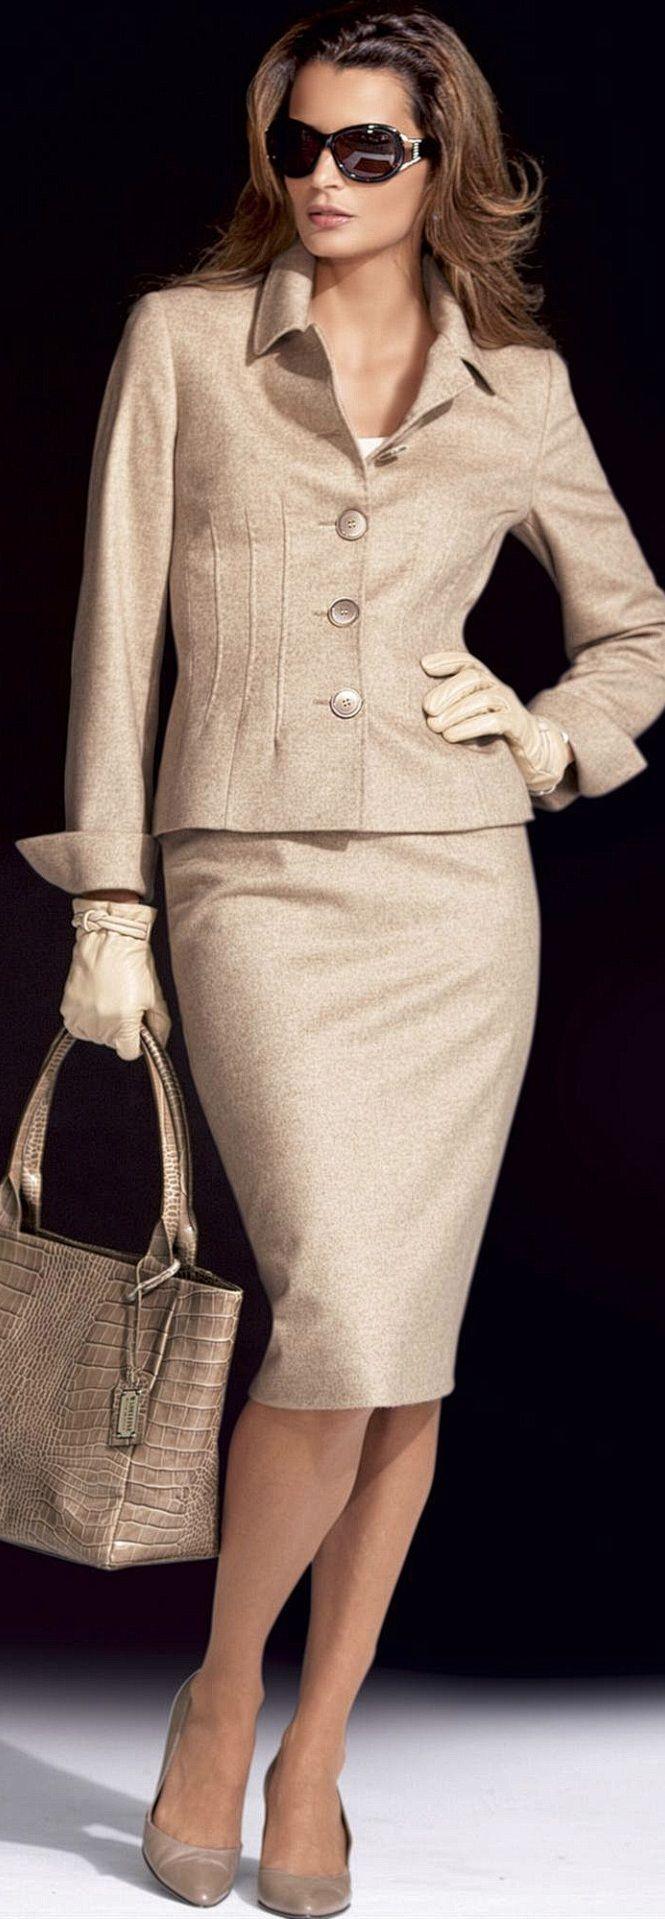 La mia scelta ed i miei gusti nel campo della moda, per classe ed elegante. Ninni - Madeleine.